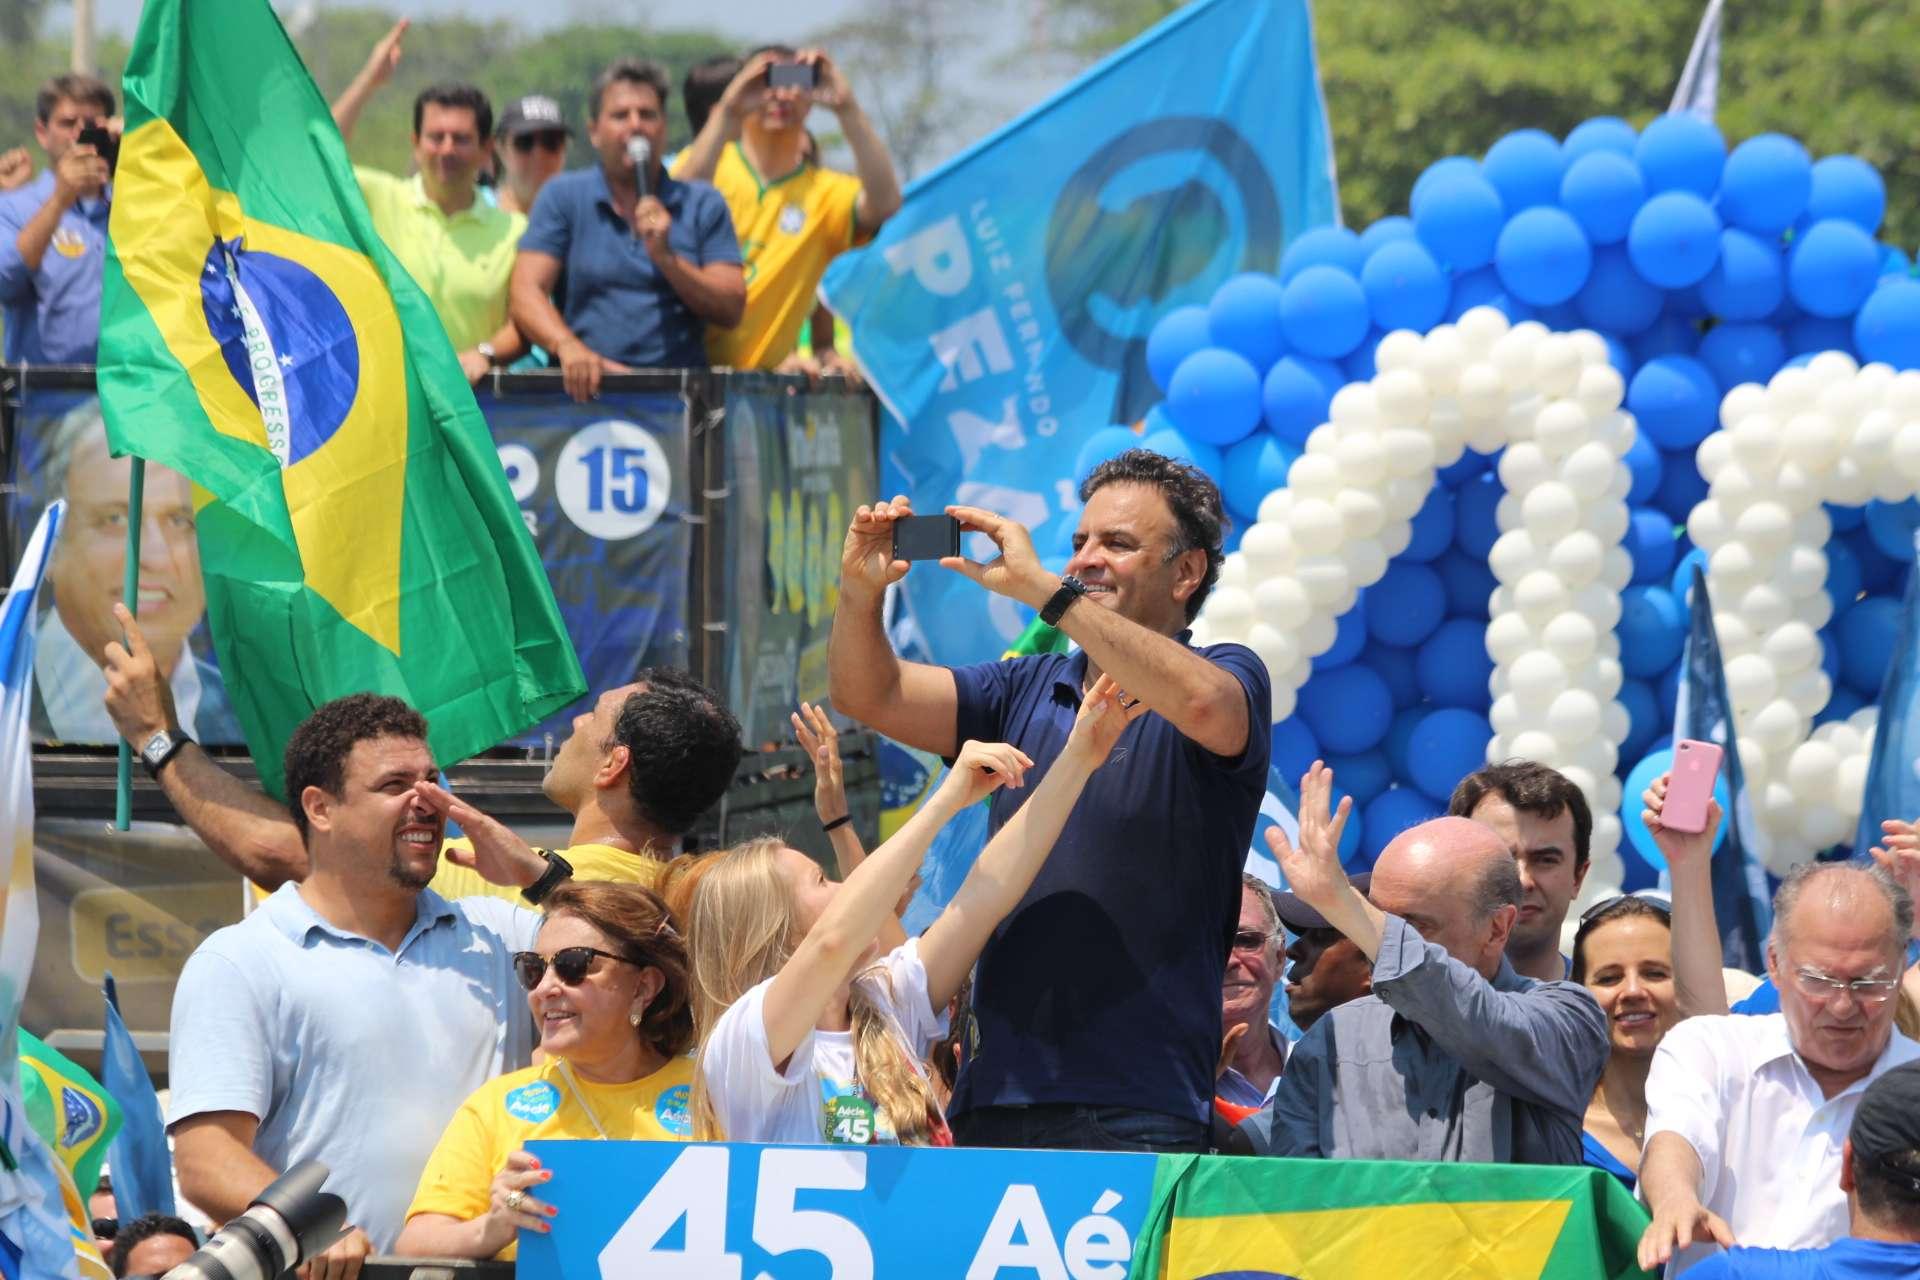 O ex-jogador de futebol Ronaldo Nazário ao lado da mãe de Aécio, Inês Maria Neves da Cunha Foto: Janaina Garcia/Terra